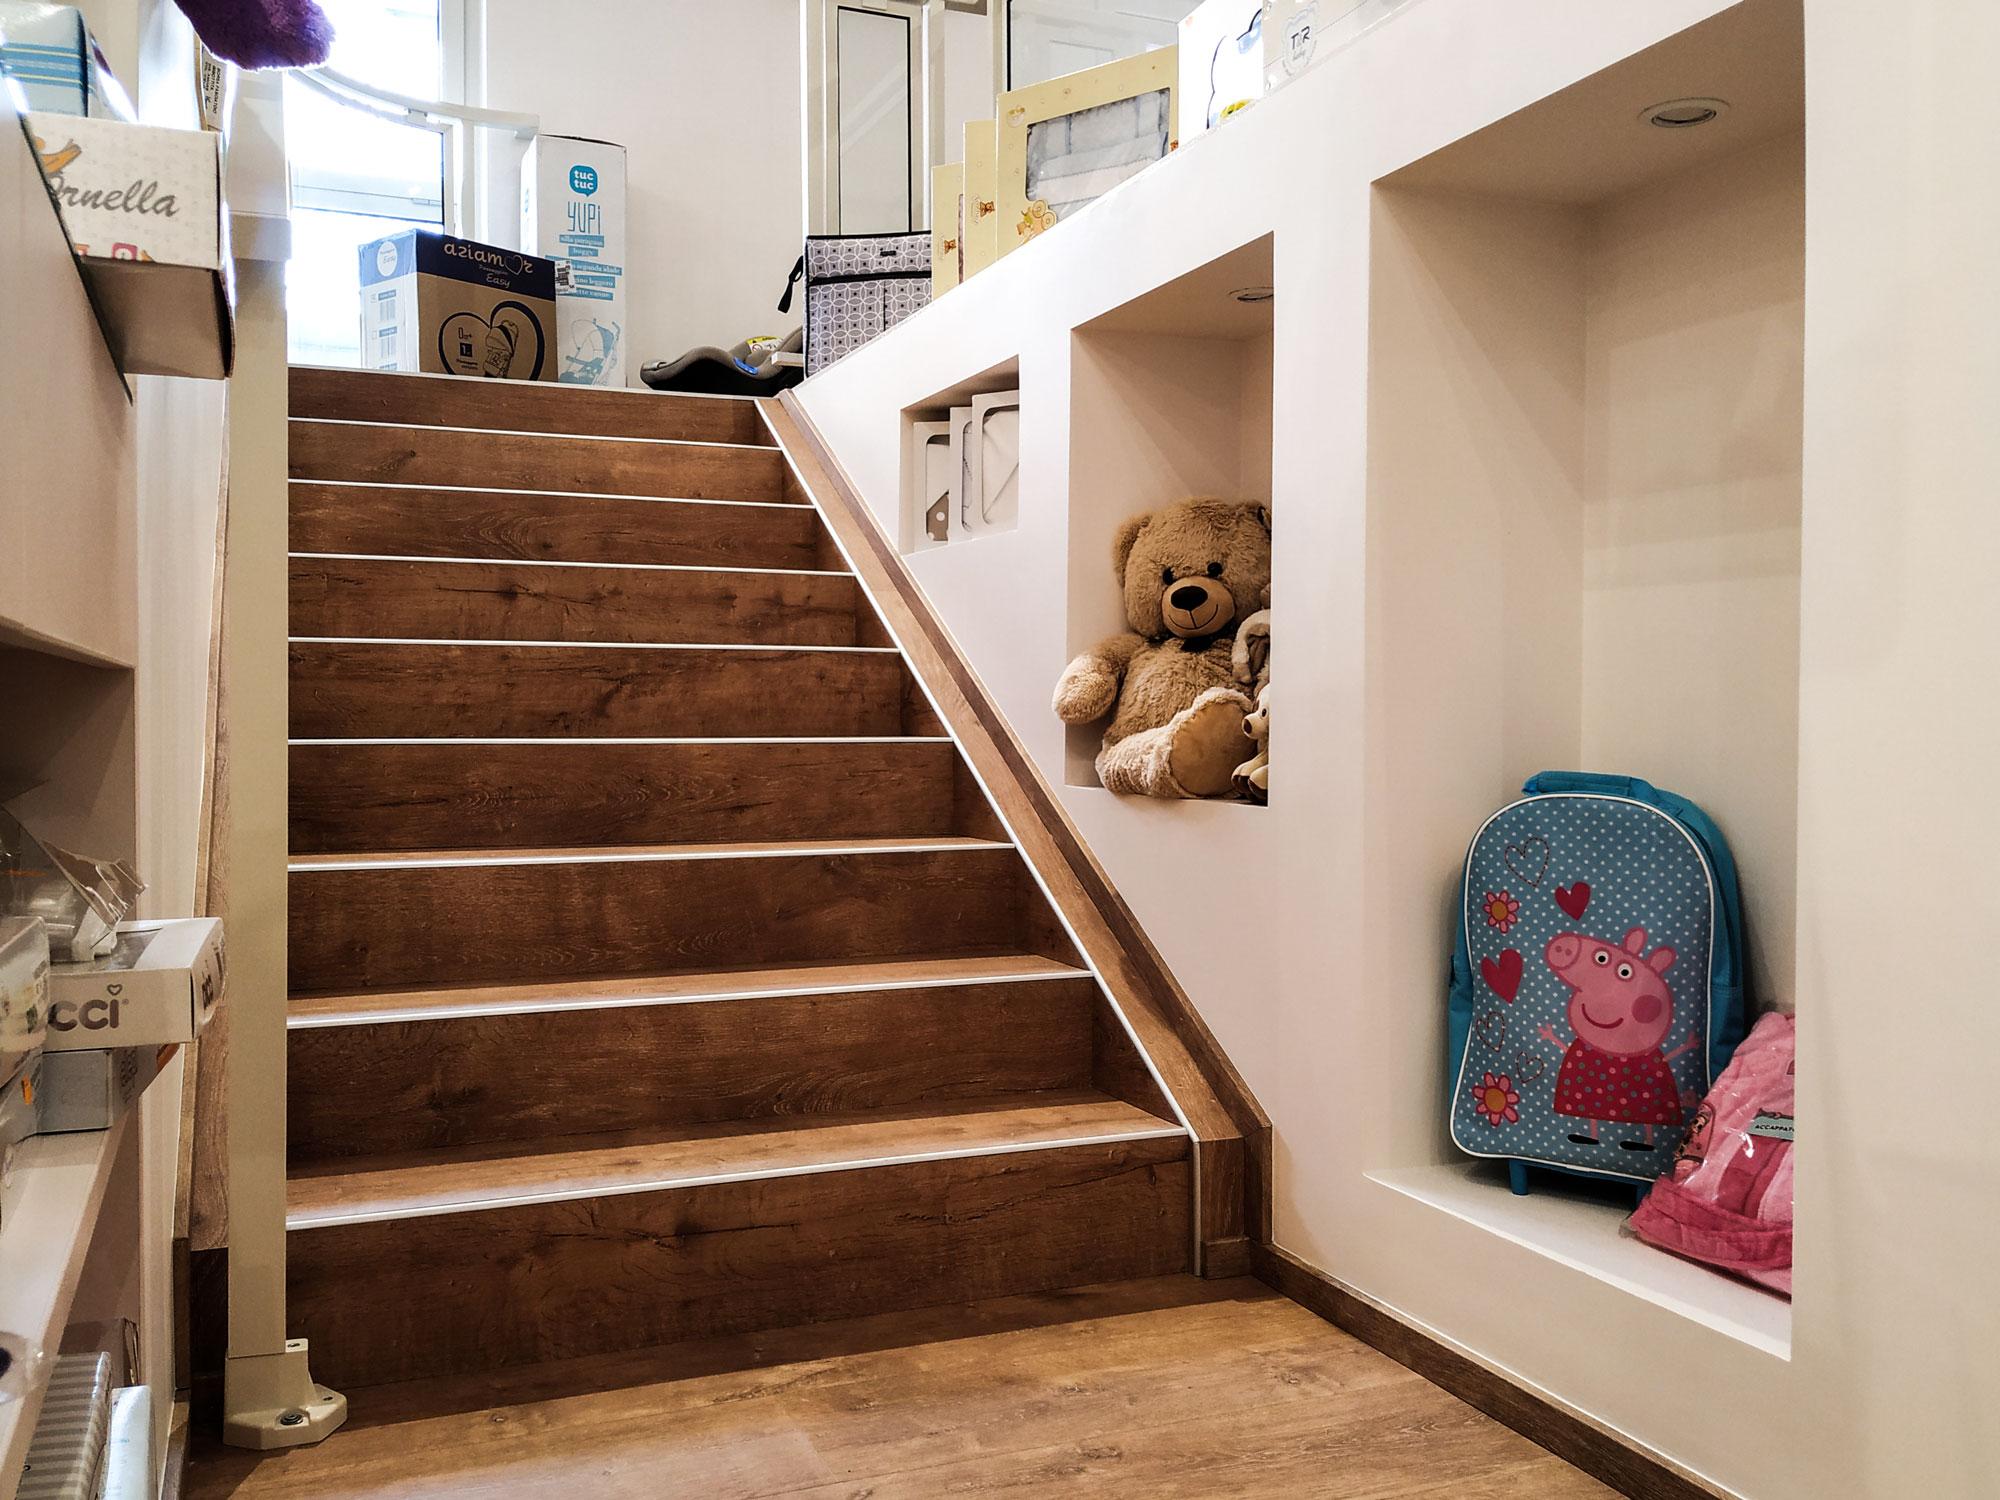 Babyshower-lavorazione-scalinata-con-incavi-in-cartongesso